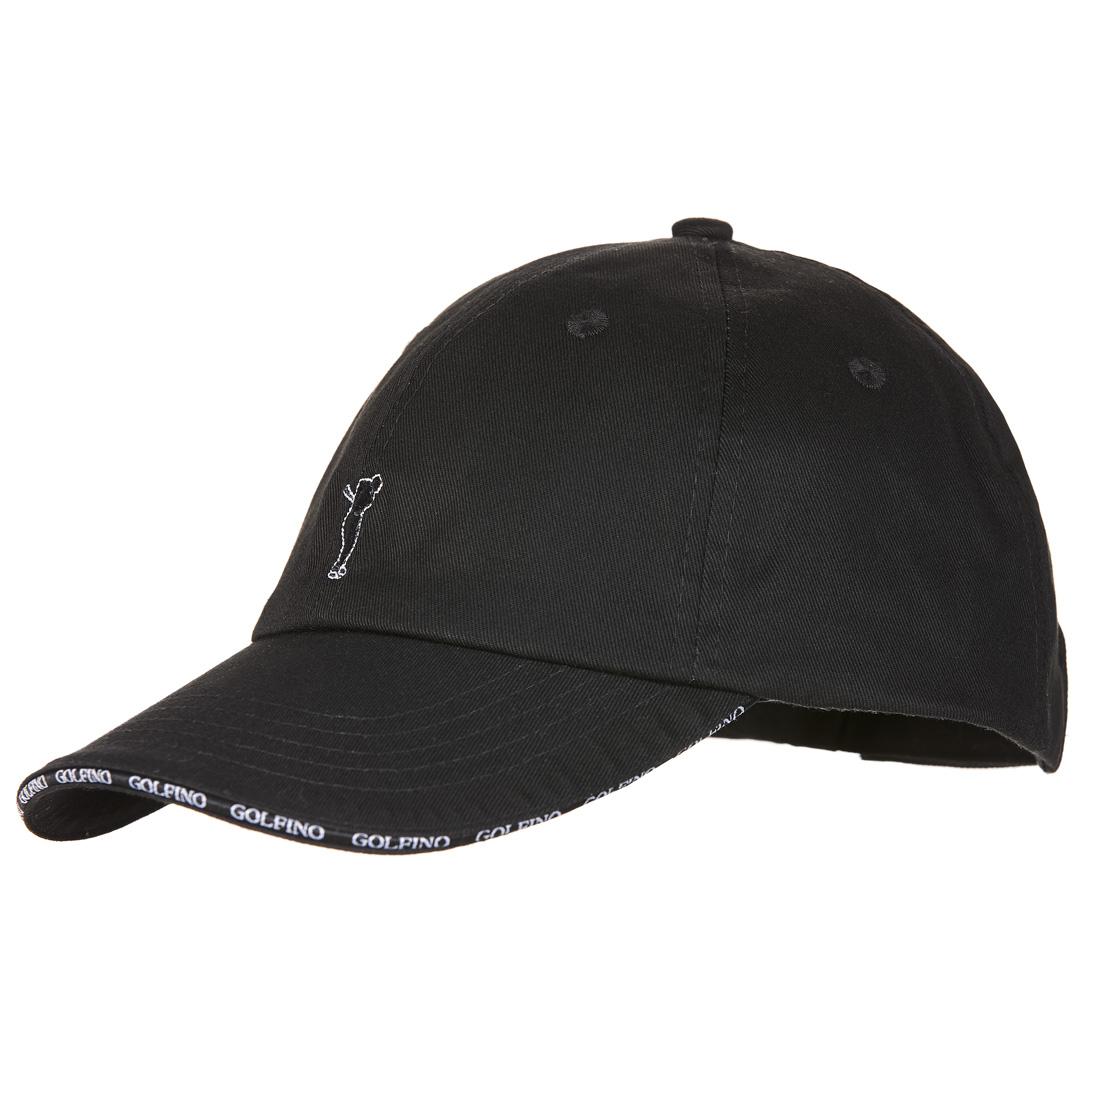 Baumwoll Golfcap für höchsten Tragekomfort in Onesize